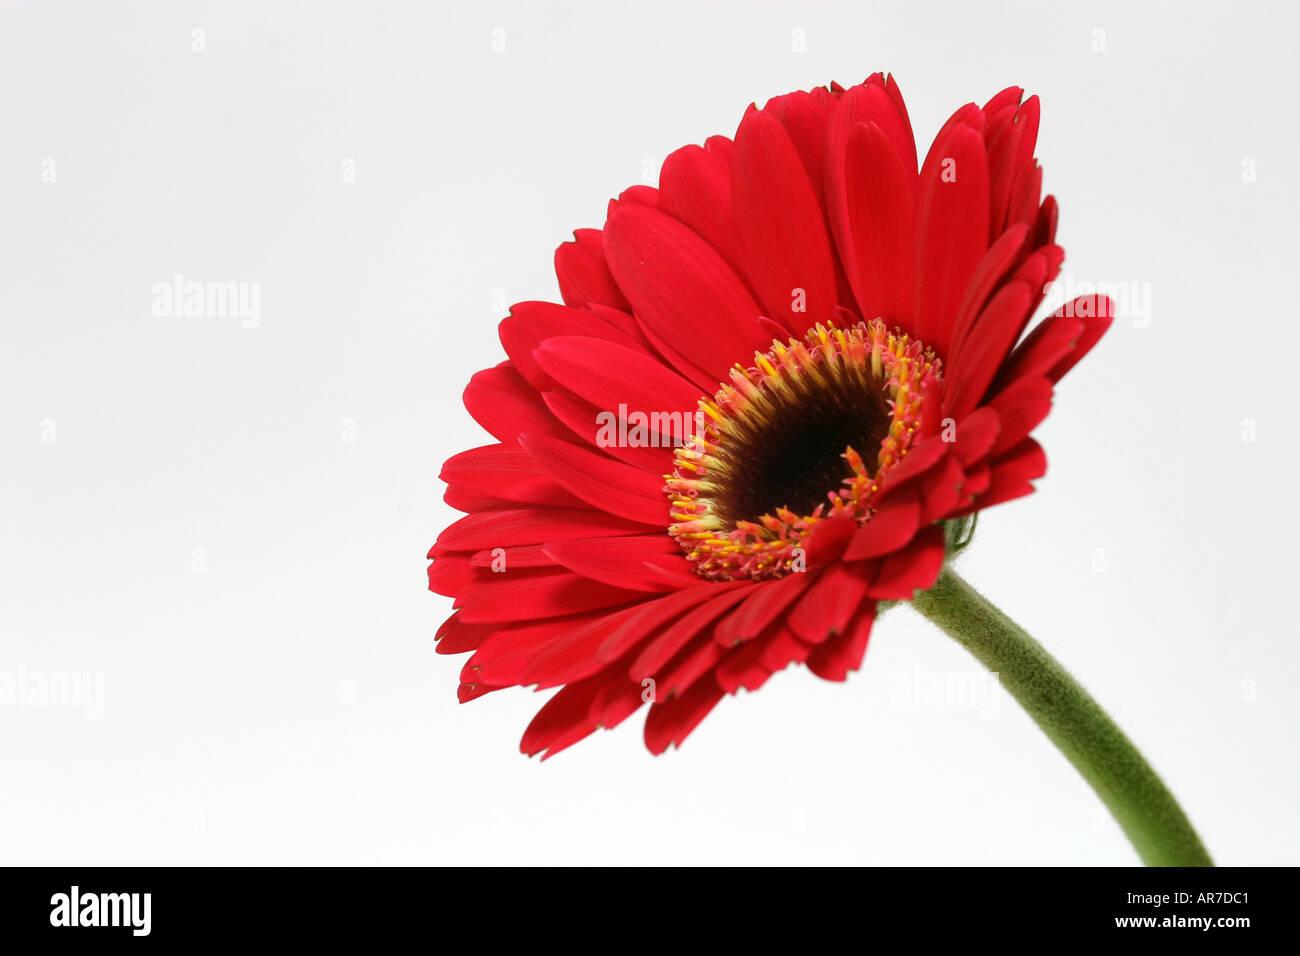 Unico Luminoso Rosso Vivo Fiore Di Gerbera Contro Uno Sfondo Bianco